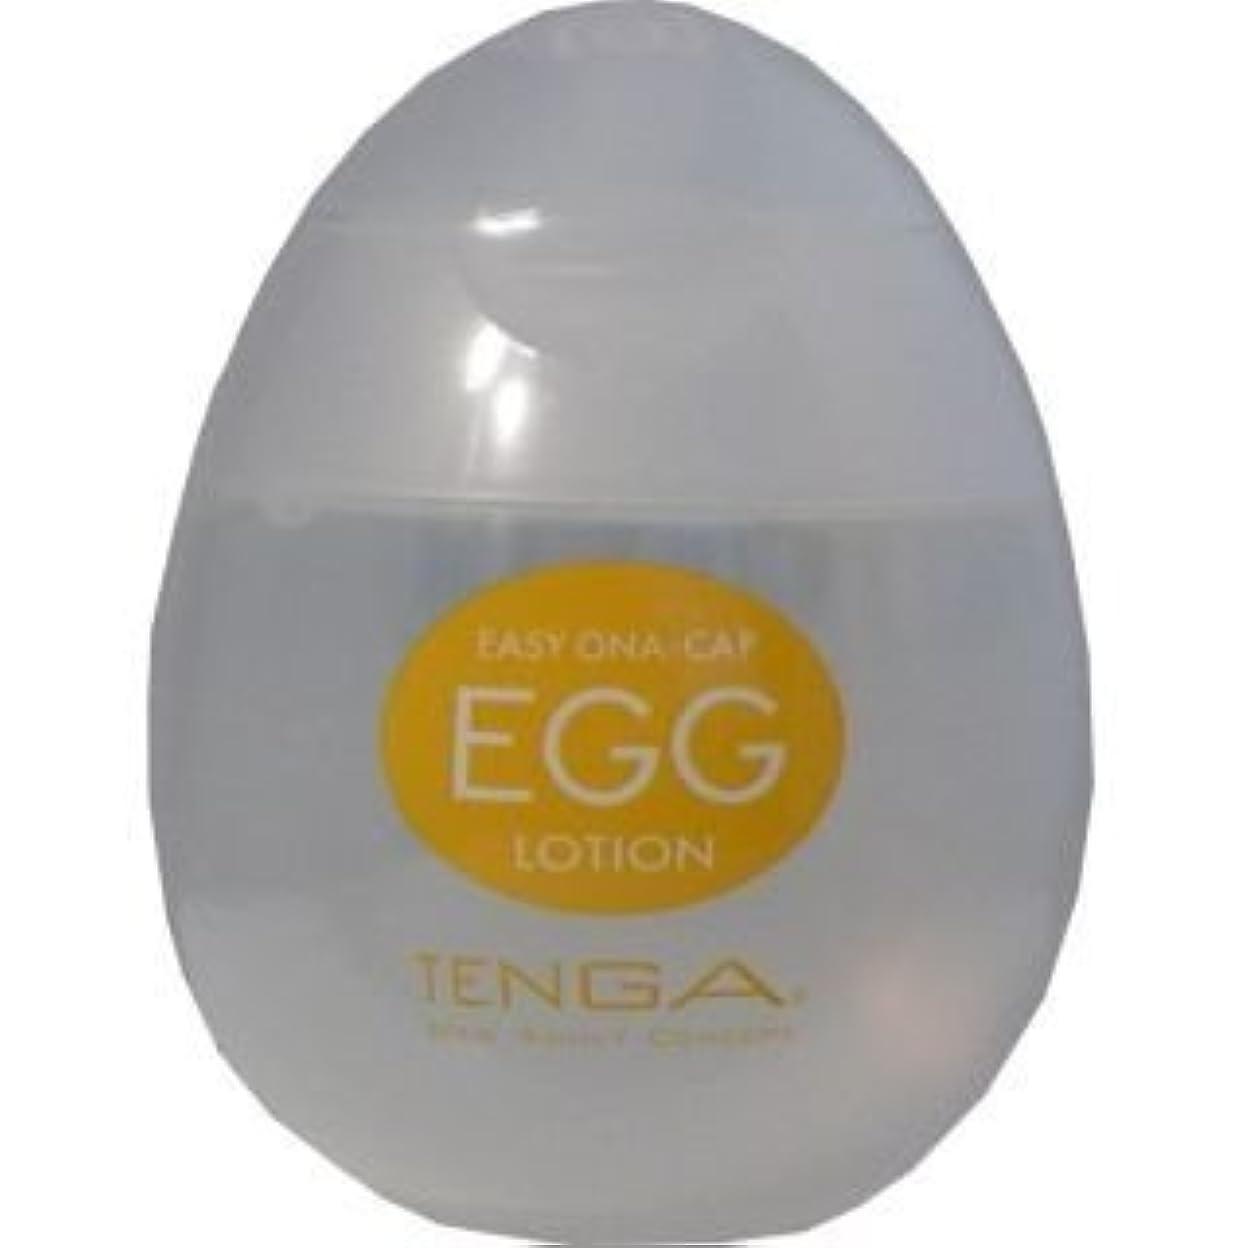 節約する未亡人速度保湿成分配合で潤い長持ち!TENGA(テンガ) EGG LOTION(エッグローション) EGGL-001【5個セット】